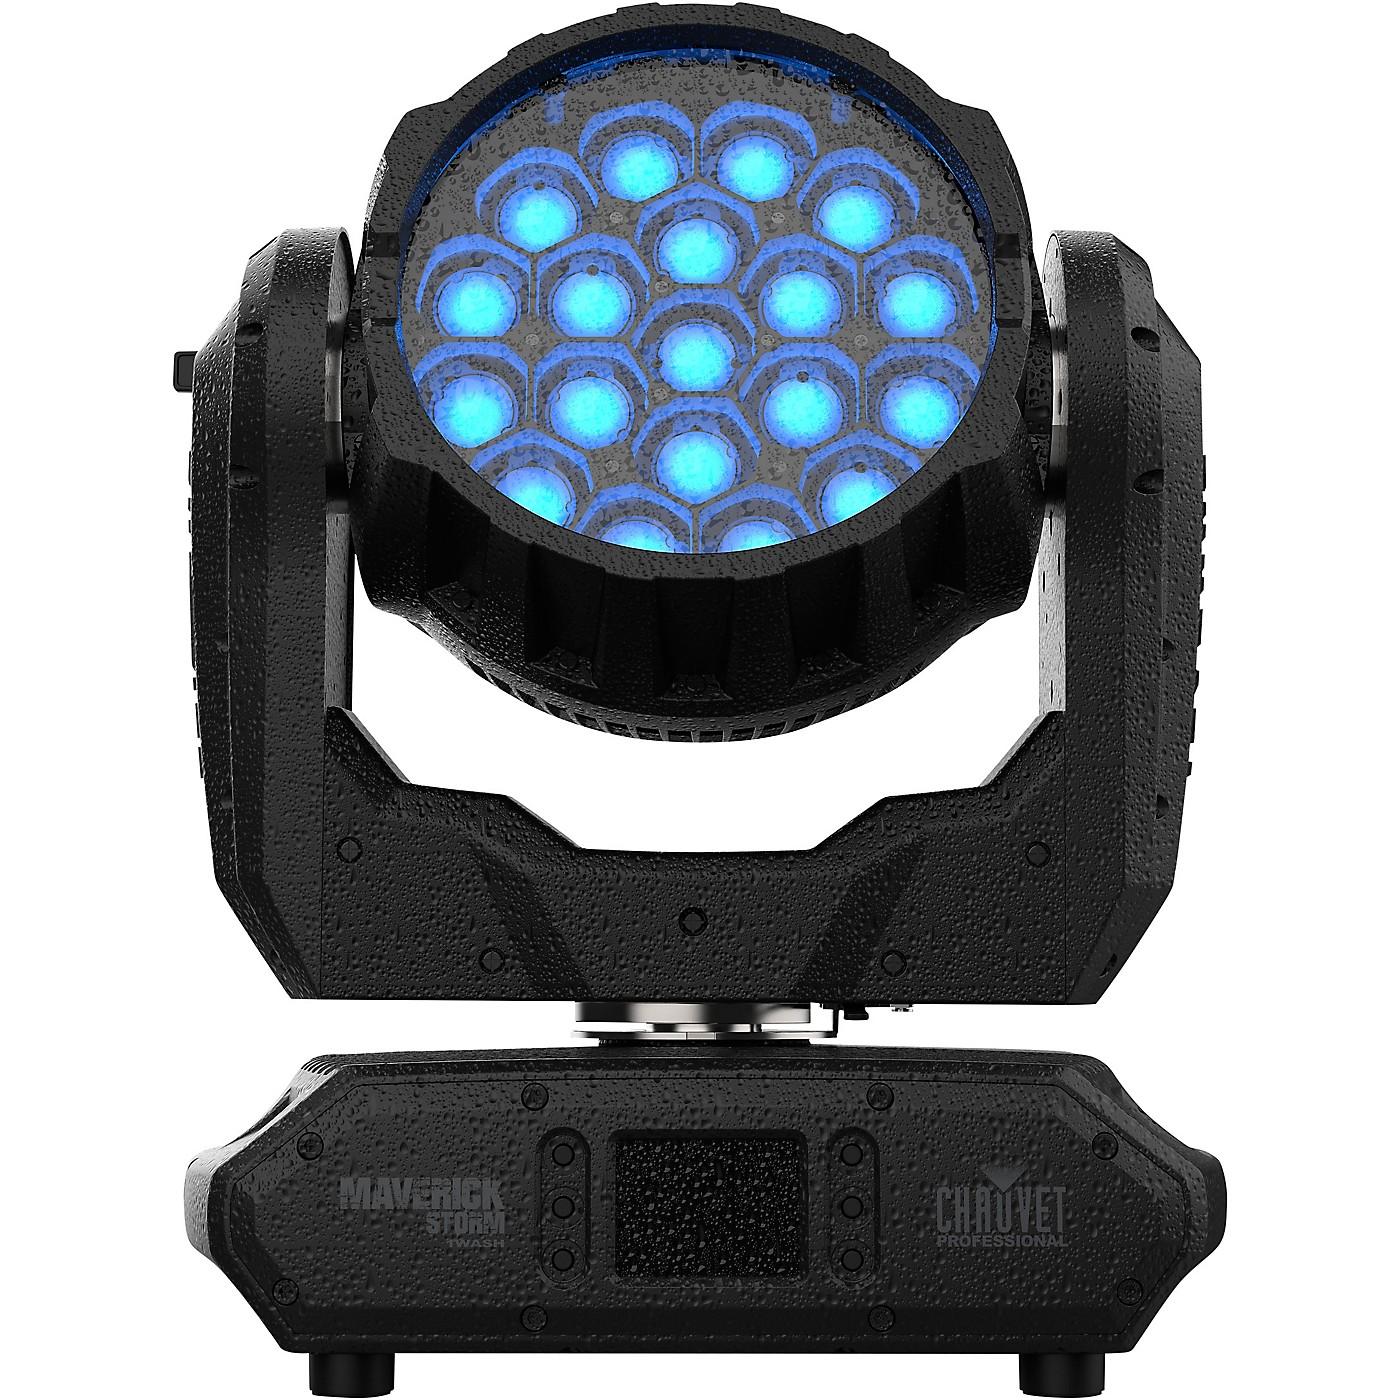 CHAUVET Professional Maverick Storm 1 Wash RGBW LED Moving-Head Light thumbnail